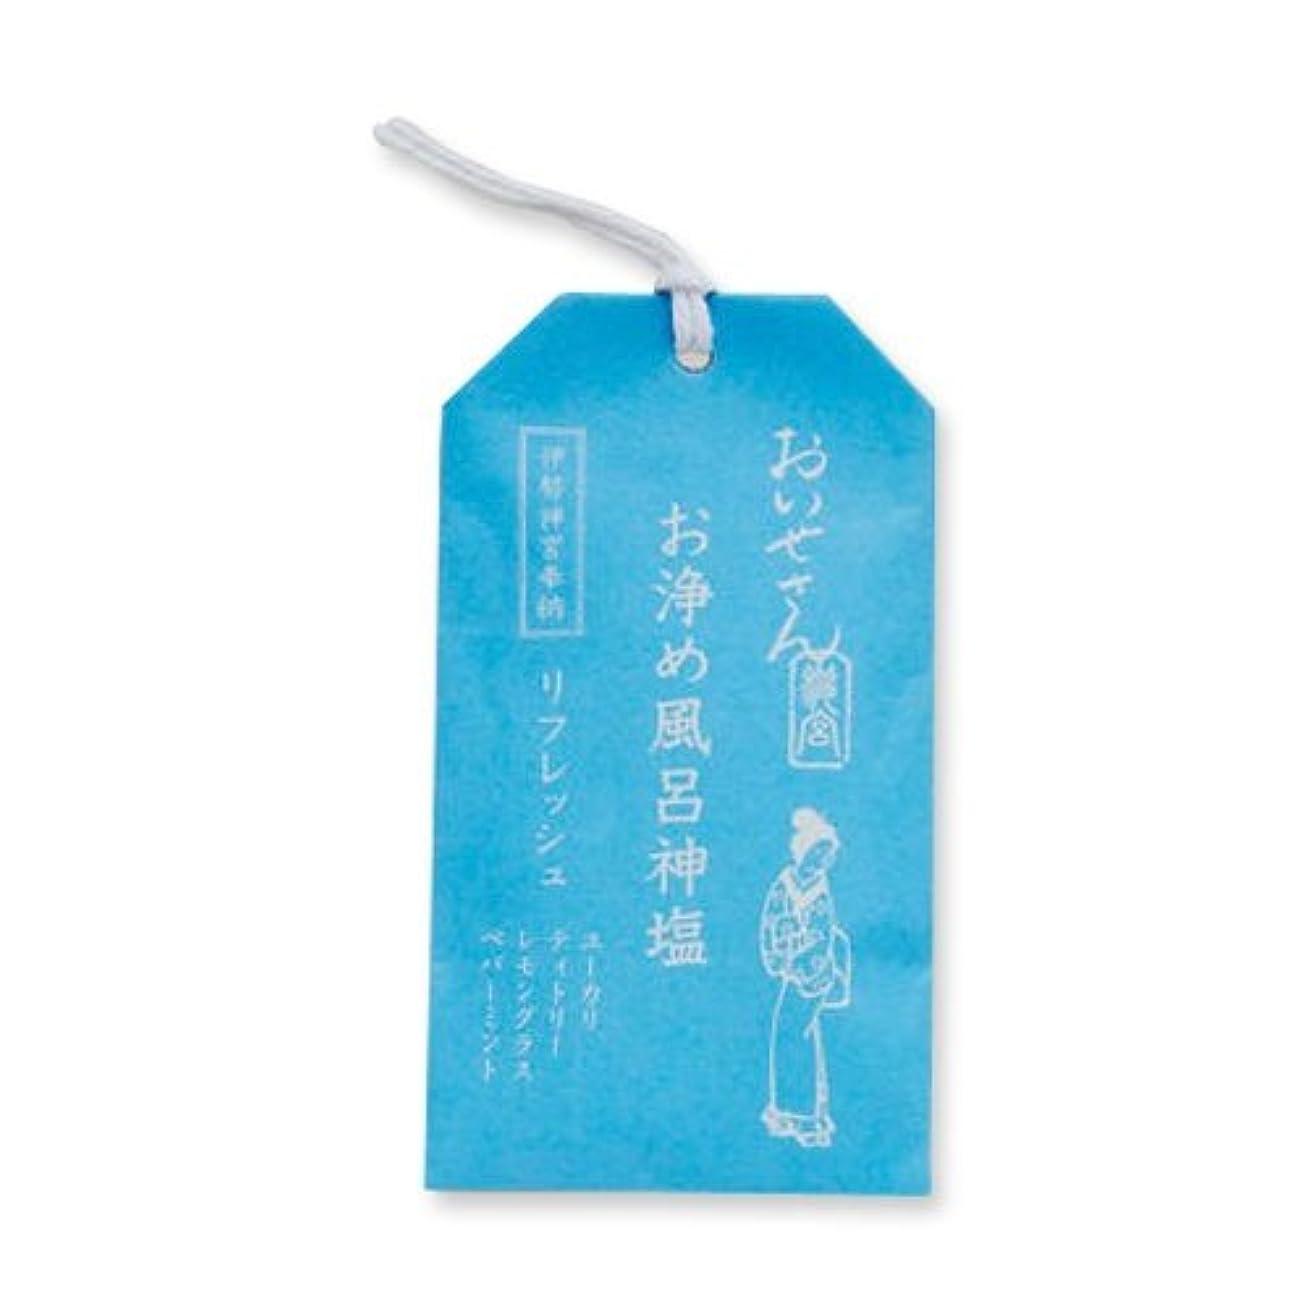 一エキスパート起きろおいせさん お浄め風呂神塩 バス用ソルト(リフレッシュ) 20g